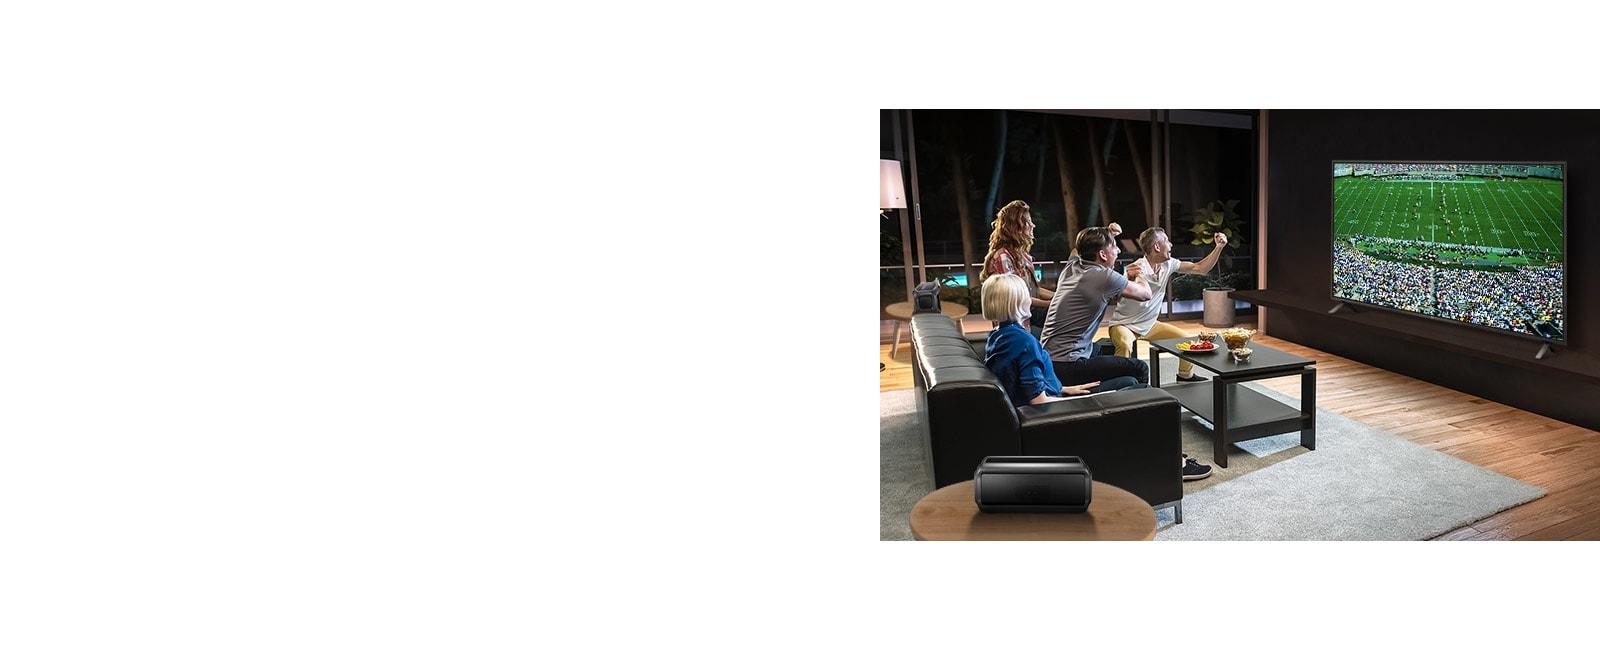 Orang-orang menonton pertandingan olahraga dari TV di ruang santai dengan speaker belakang Bluetooth.